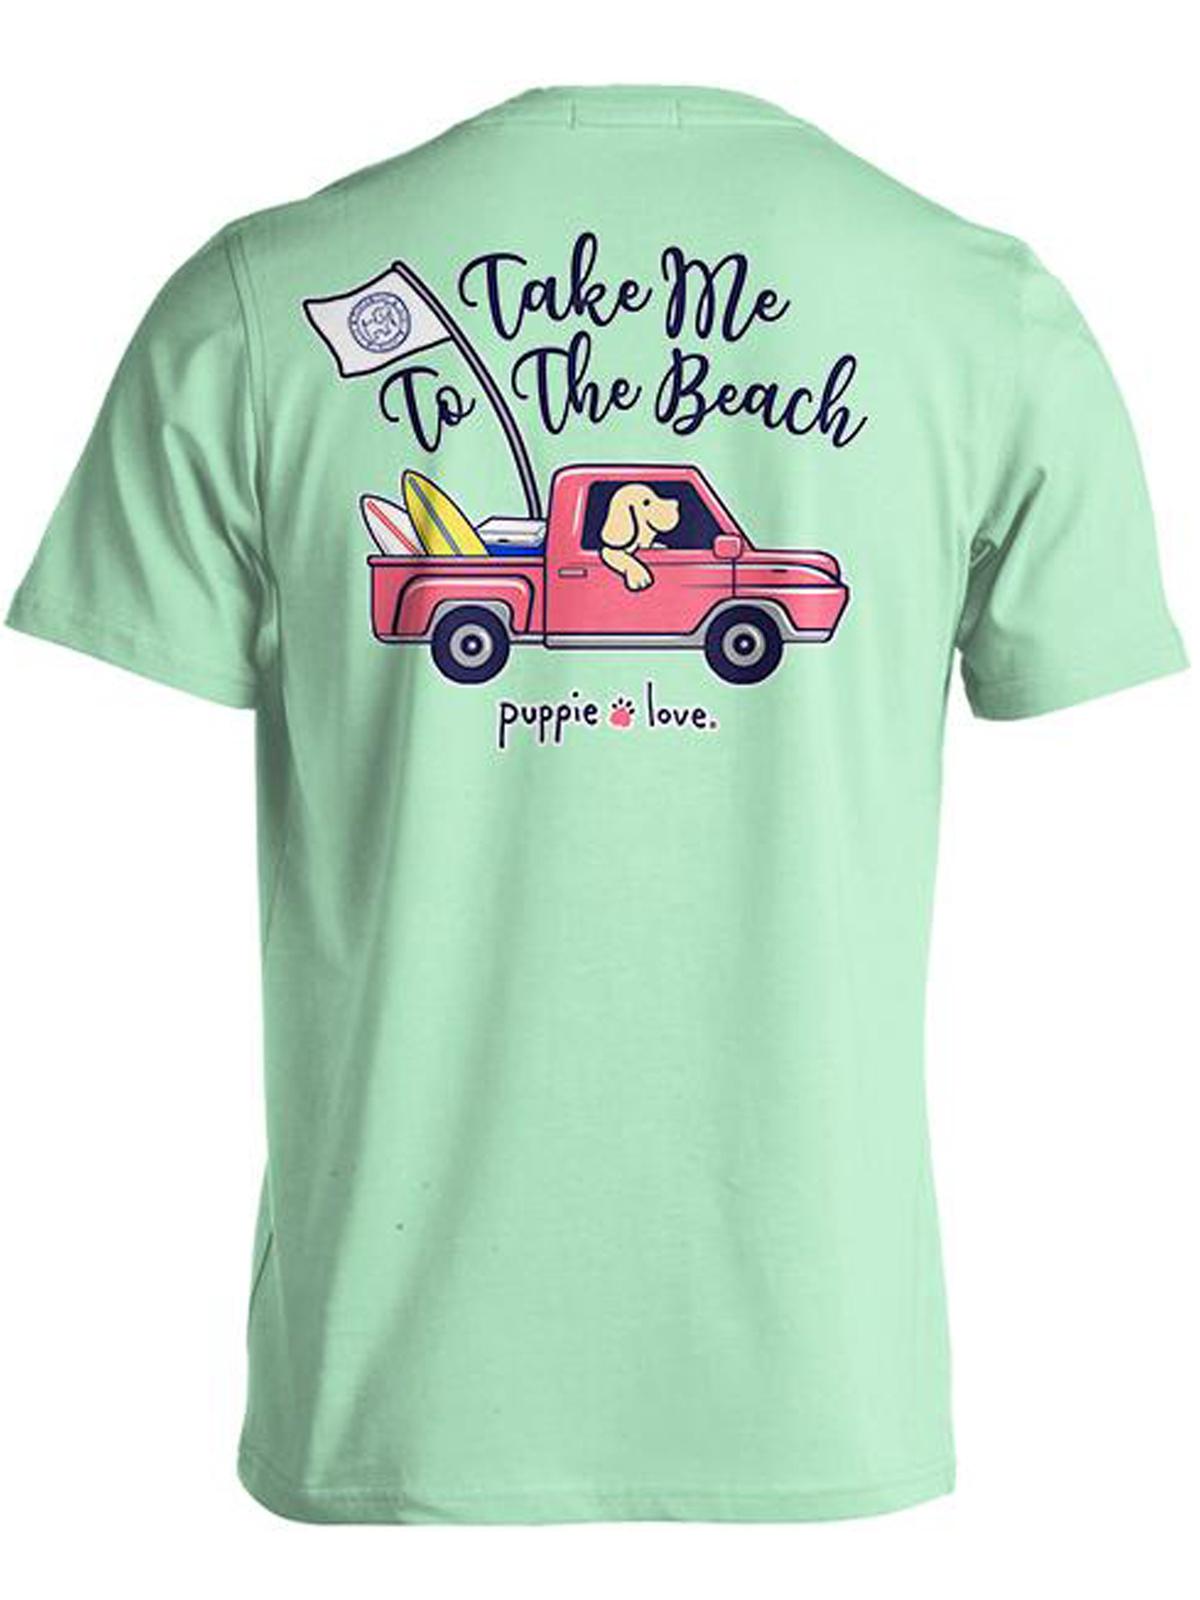 Beach truck pup 176 min ss 1